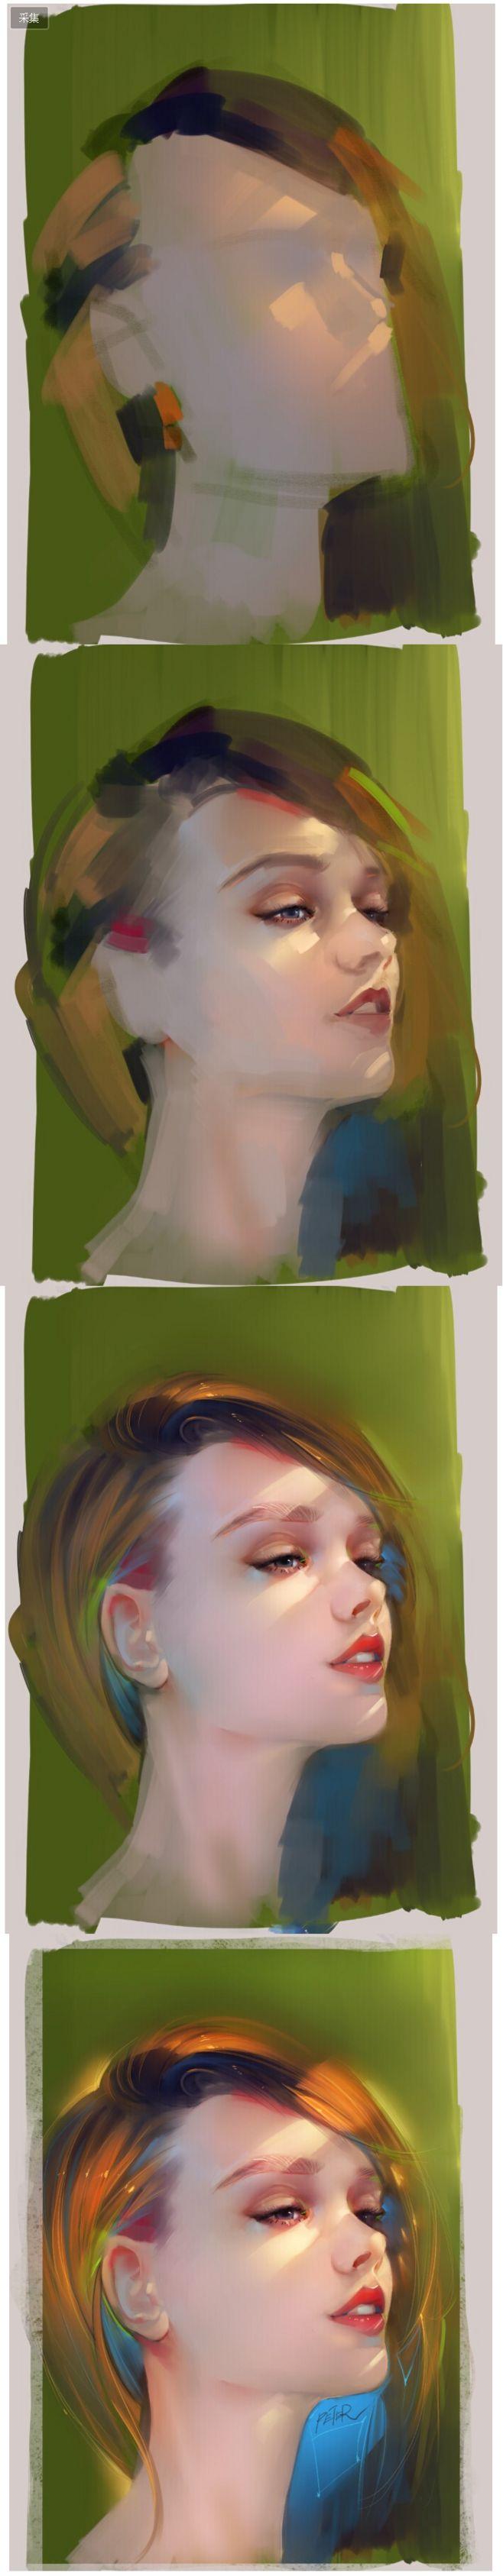 绘画过程|绘画|原创/自译教程|supe...